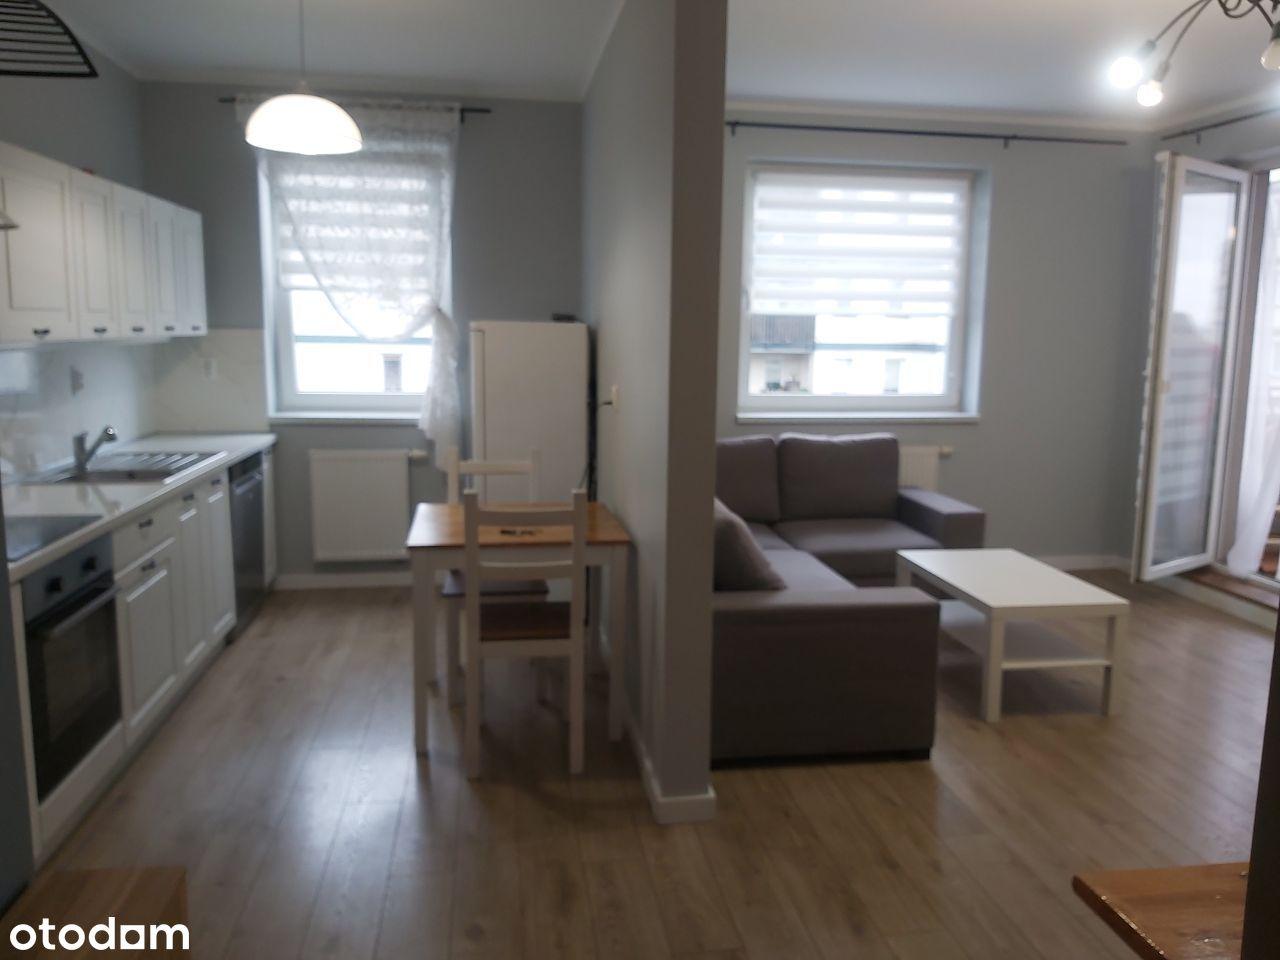 Mieszkanie po remoncie, wysoki standard, 40m2, ul.